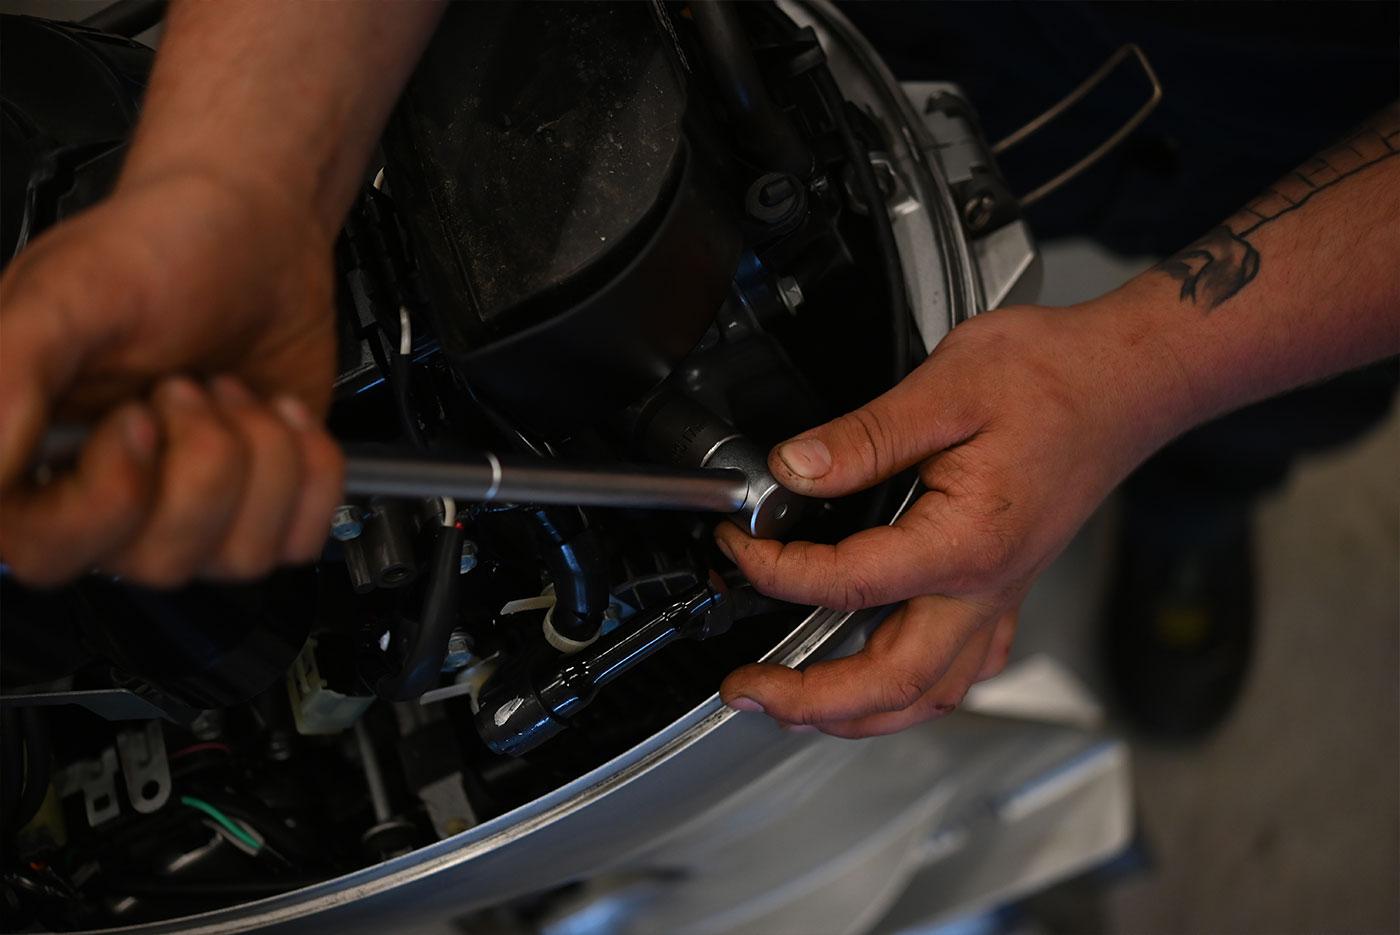 Nærbilde av hånd som skrur på motor